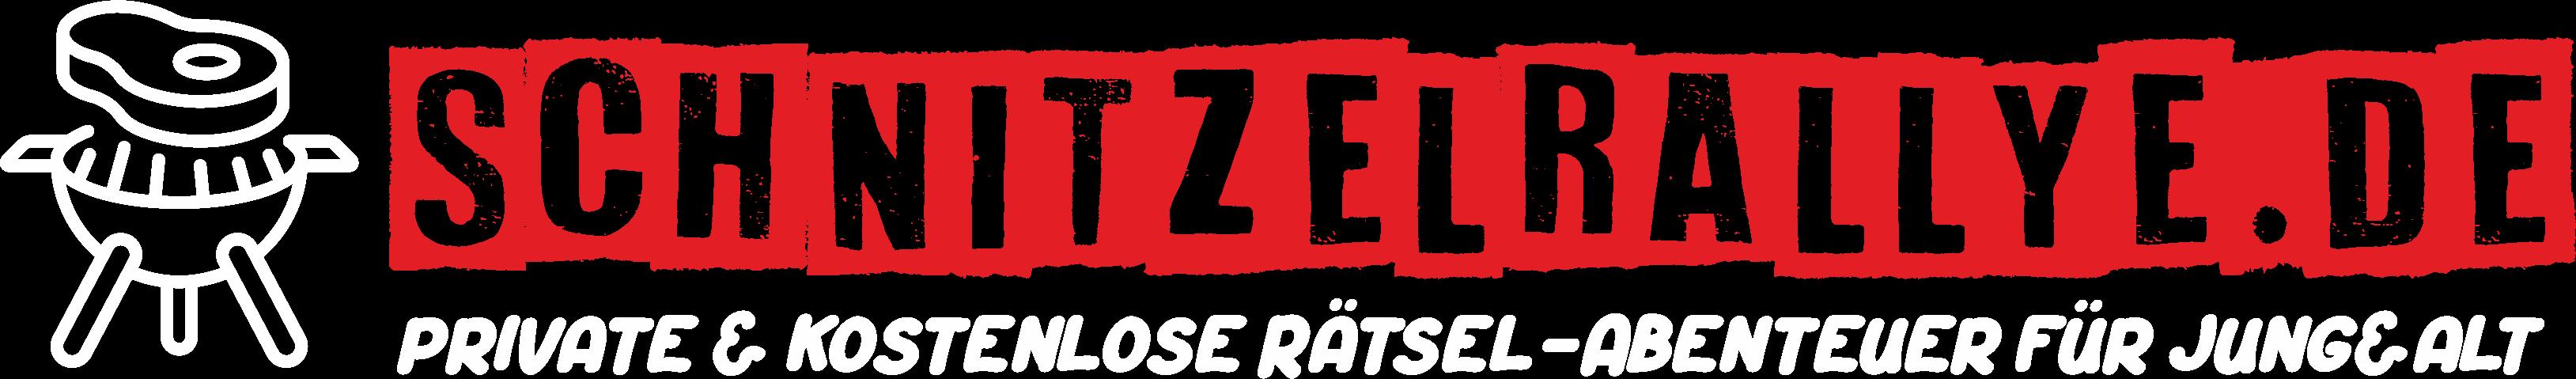 schnitzel-rallye